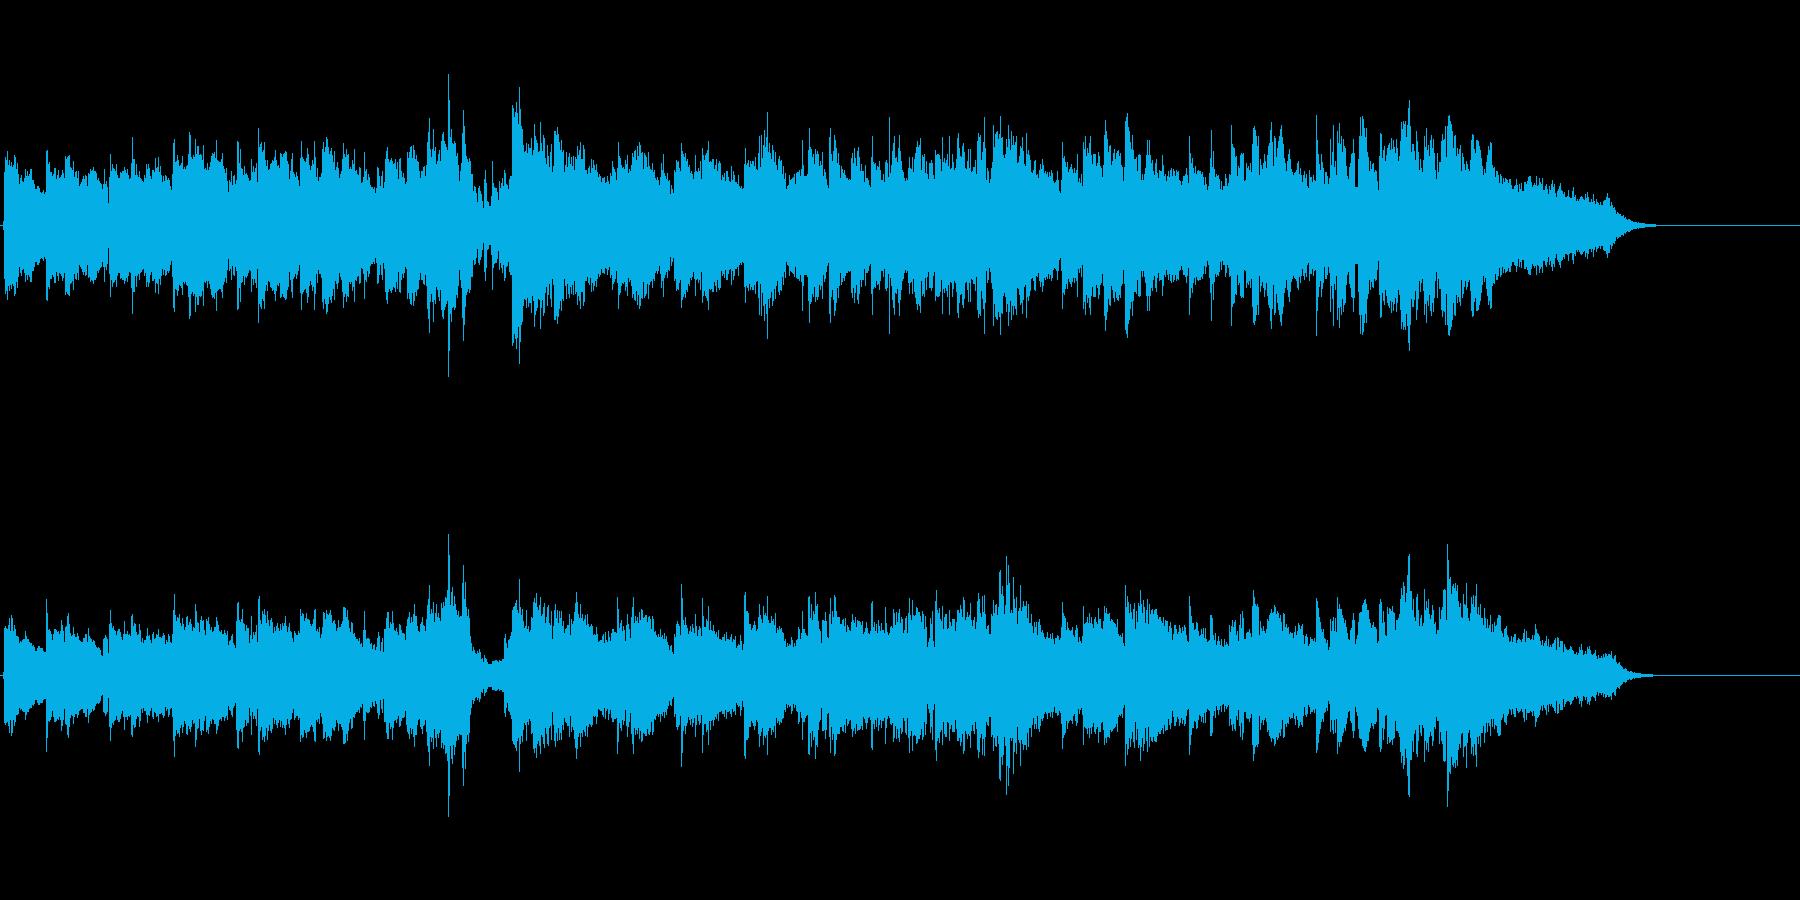 ハーモニカが奏でるポップなバラードの再生済みの波形